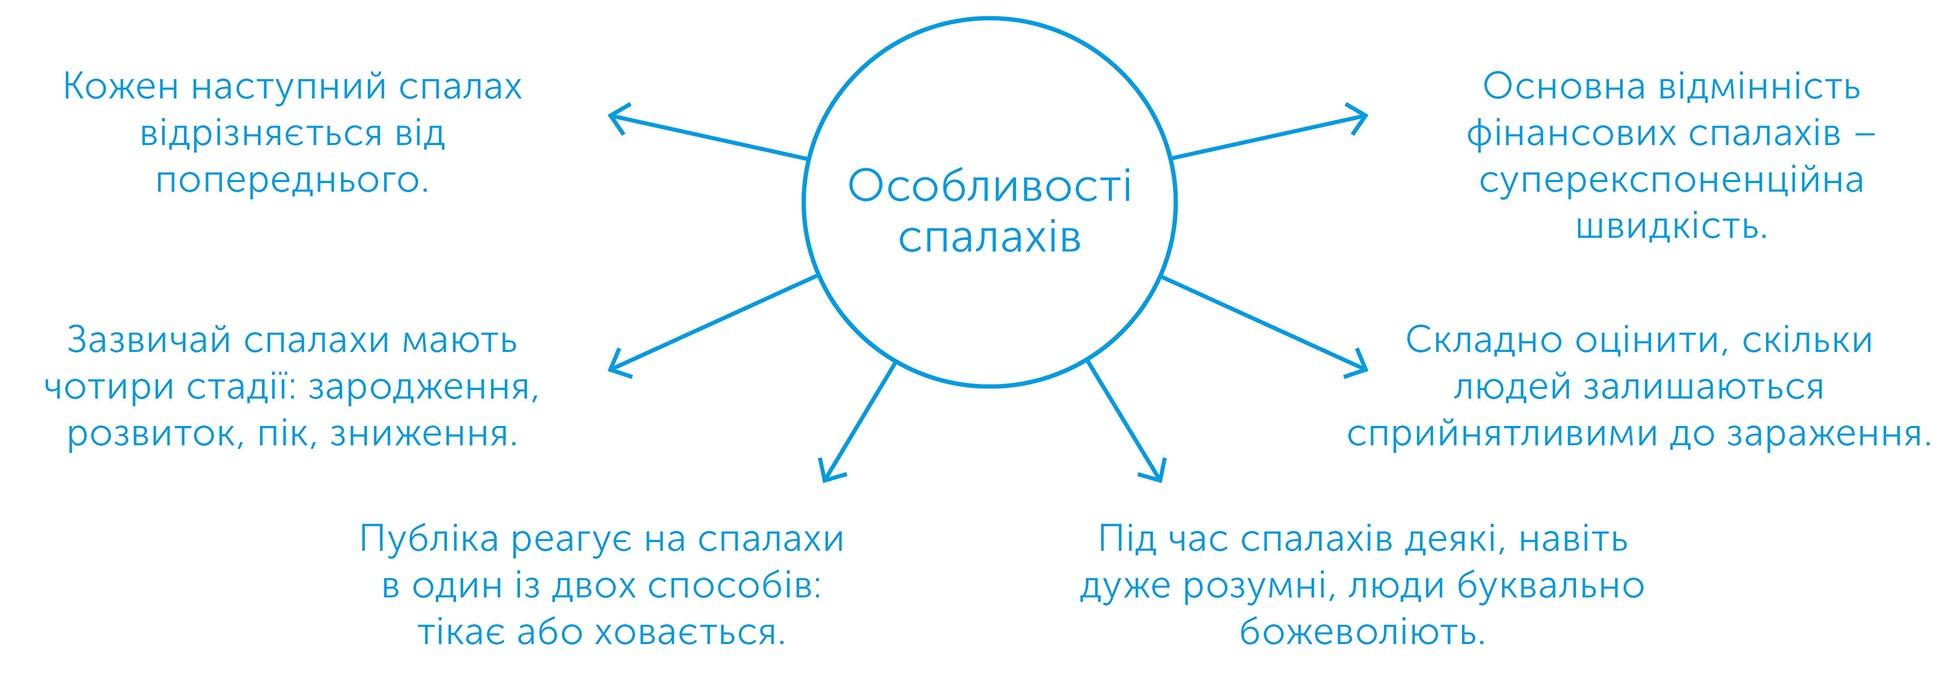 Правила зараження, автор Адам Кучарські   Kyivstar Business Hub, зображення №3